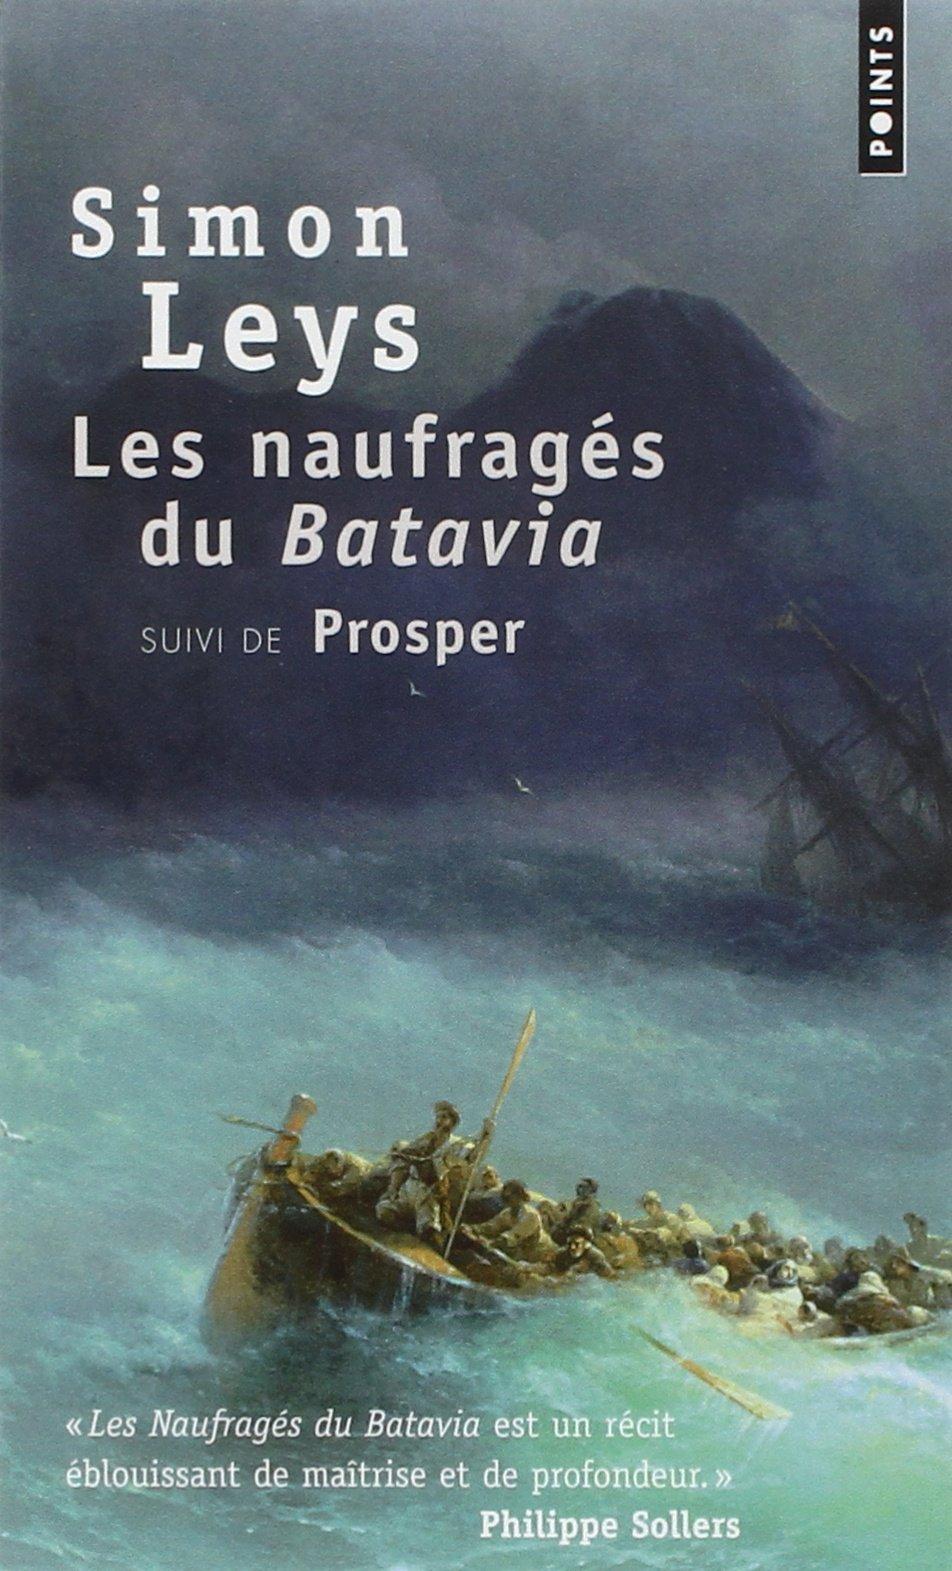 littérature,écrivain,écrivain de marine,simon leys,biographie,philippe paquet